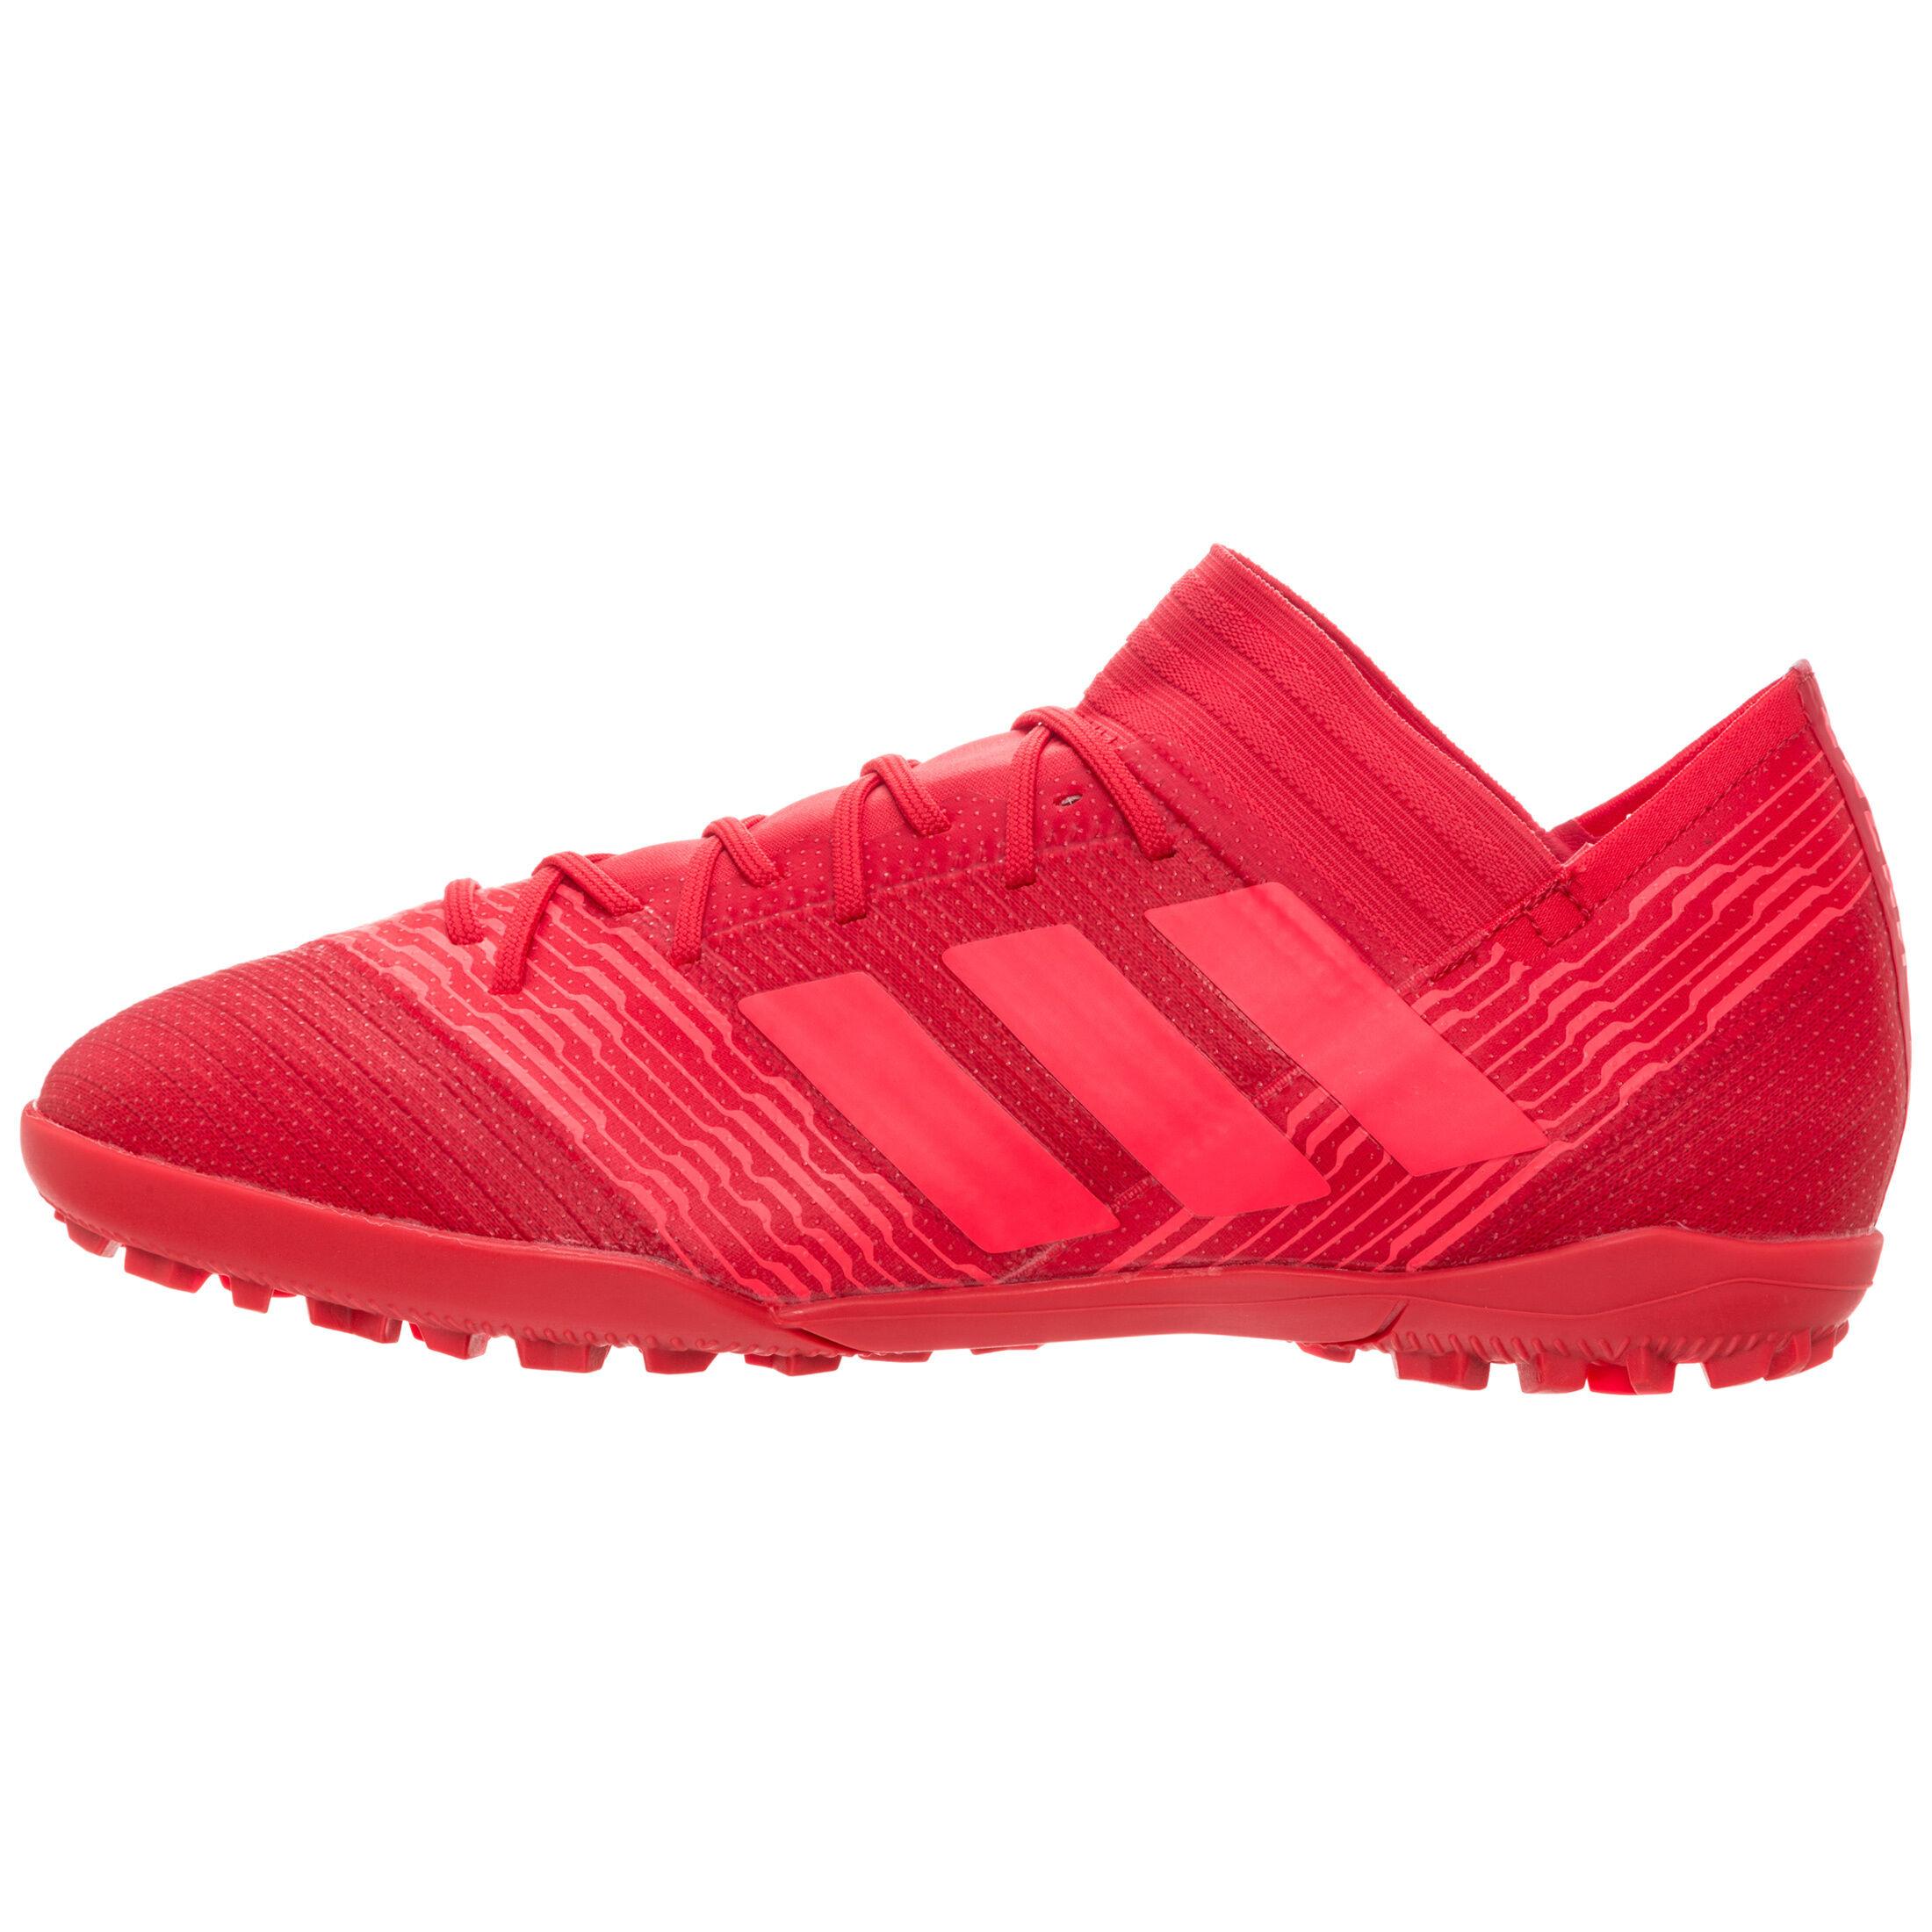 NEMEZIZ TANGO 17.3 TF - Fußballschuh Multinocken - real coral/red zest Neueste Günstig Online mEG7O4KRYF